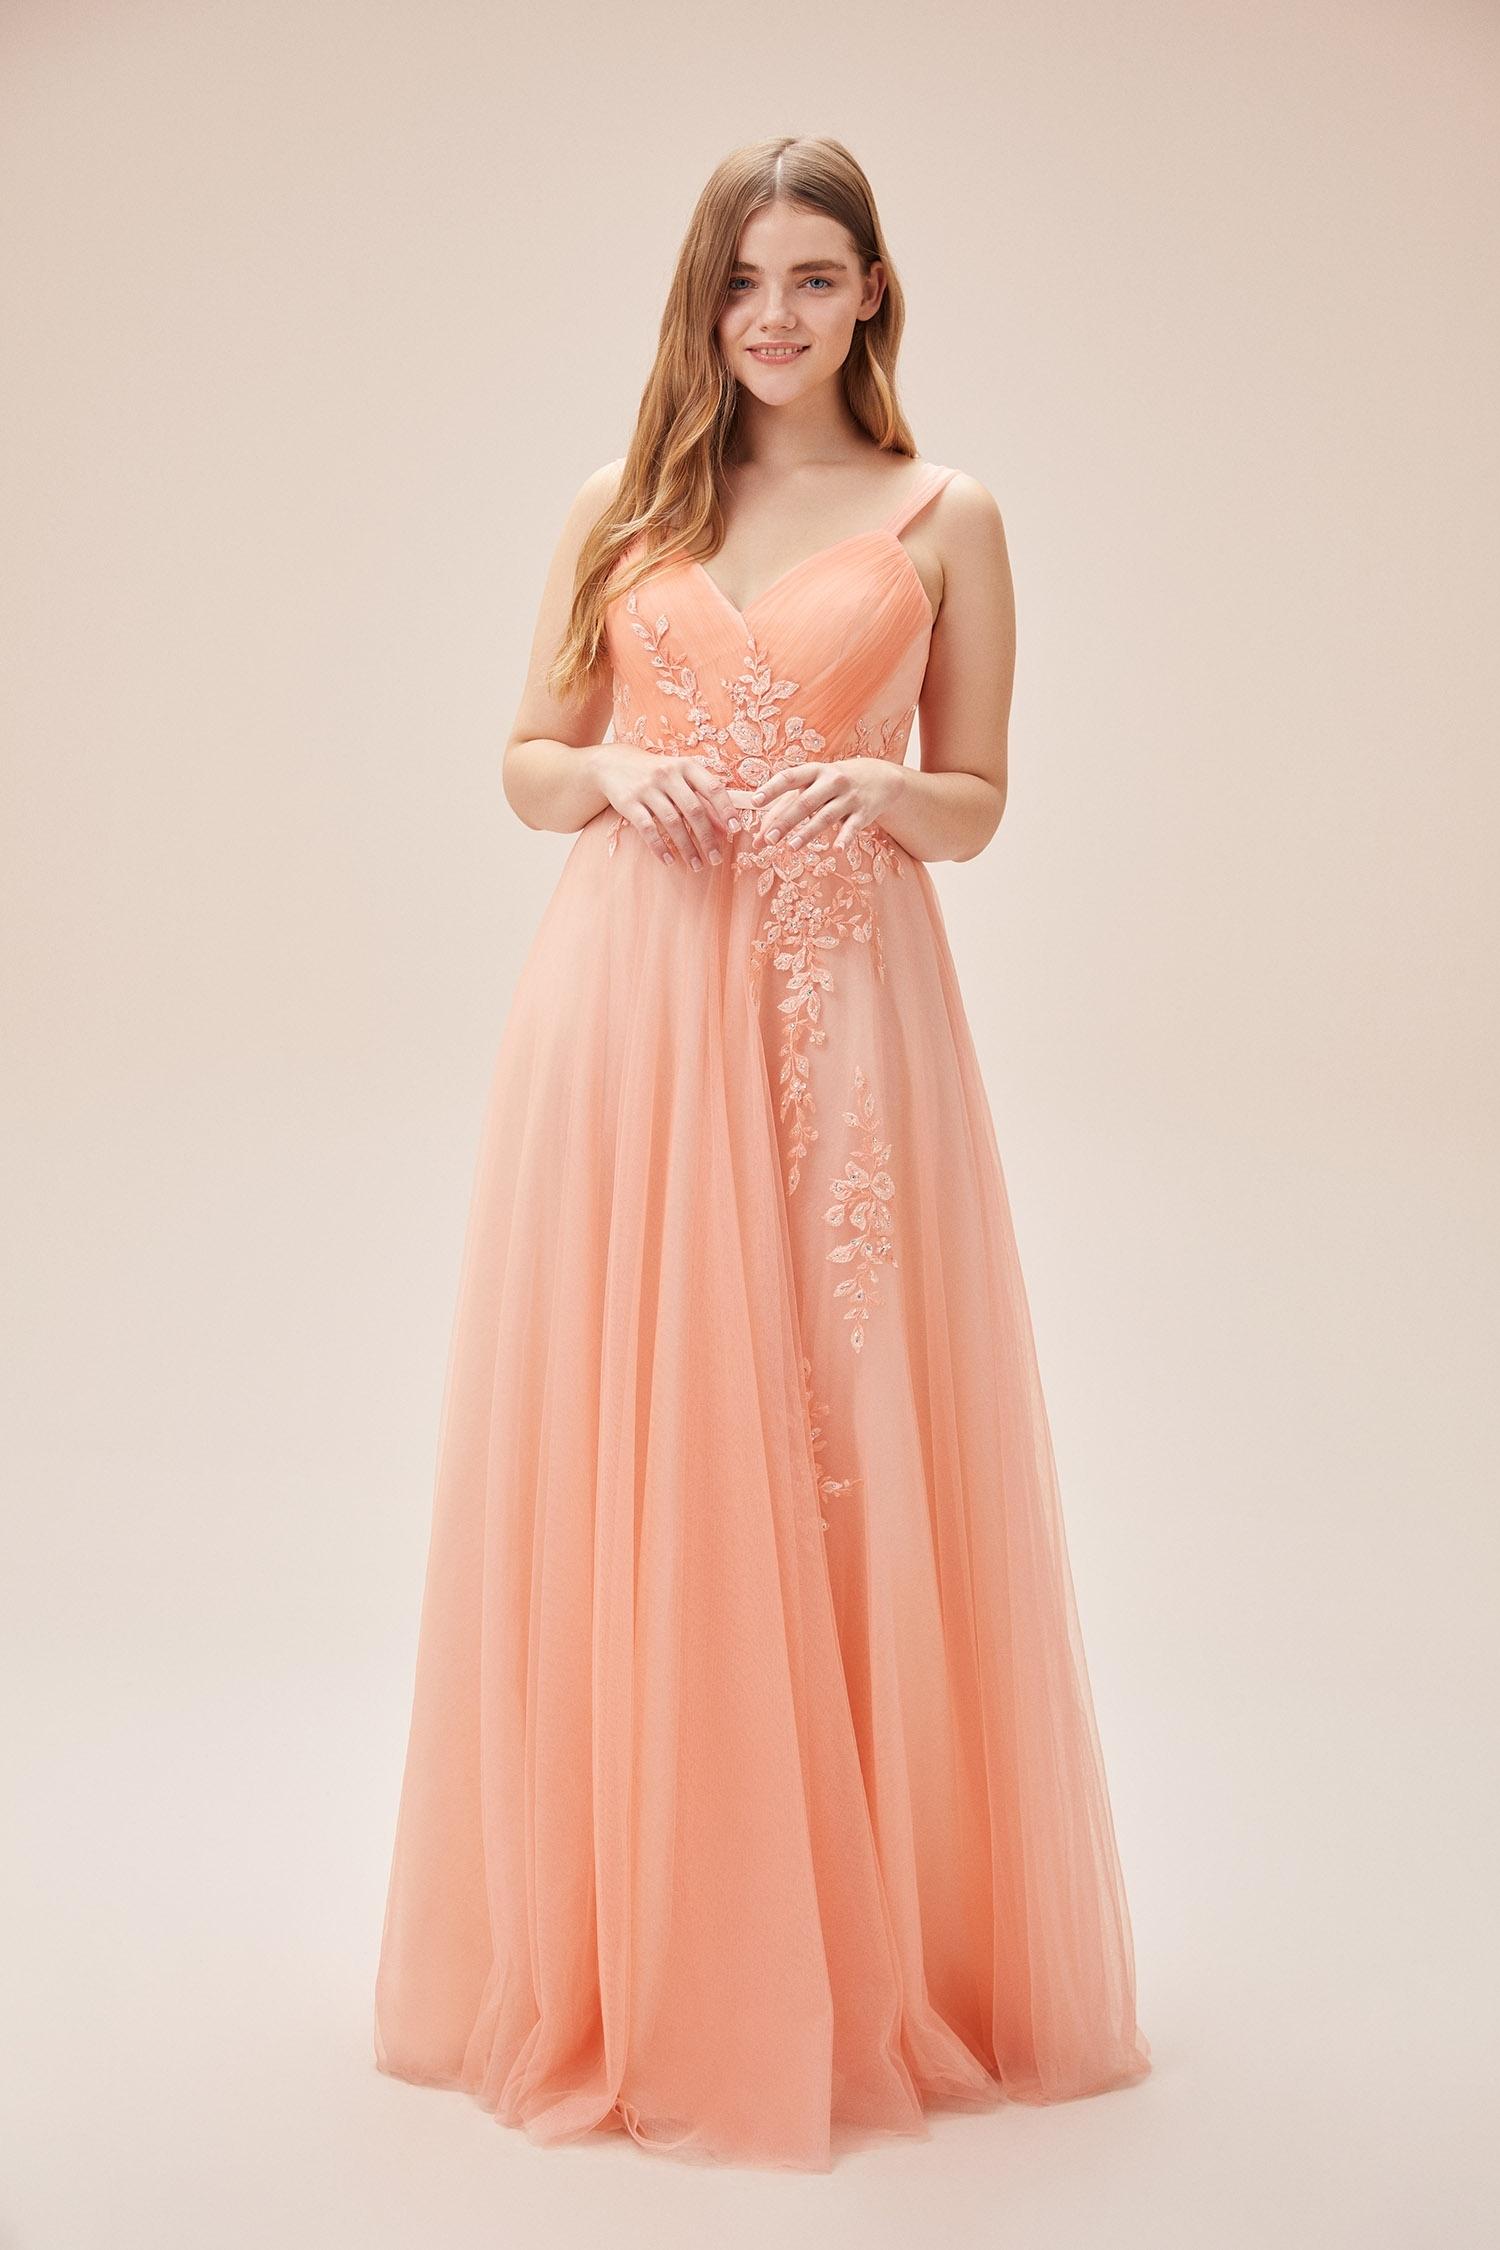 Somon Rengi Askılı Dantel İşlemeli Uzun Tül Büyük Beden Elbise - Thumbnail